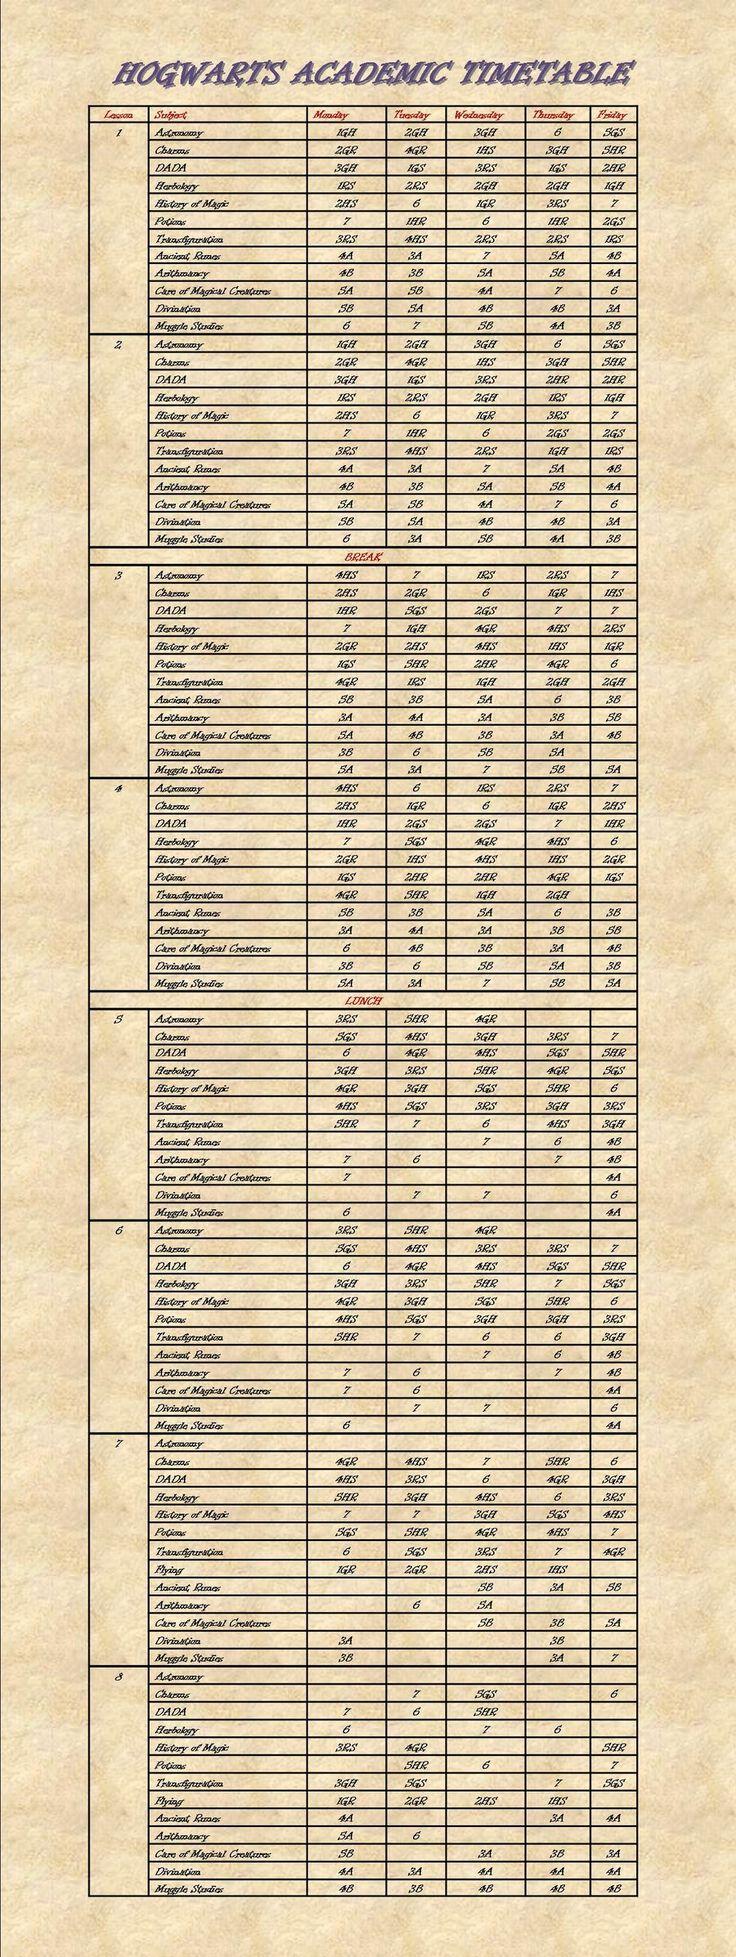 Hogwarts Academic Timetable by bleddyn-coch